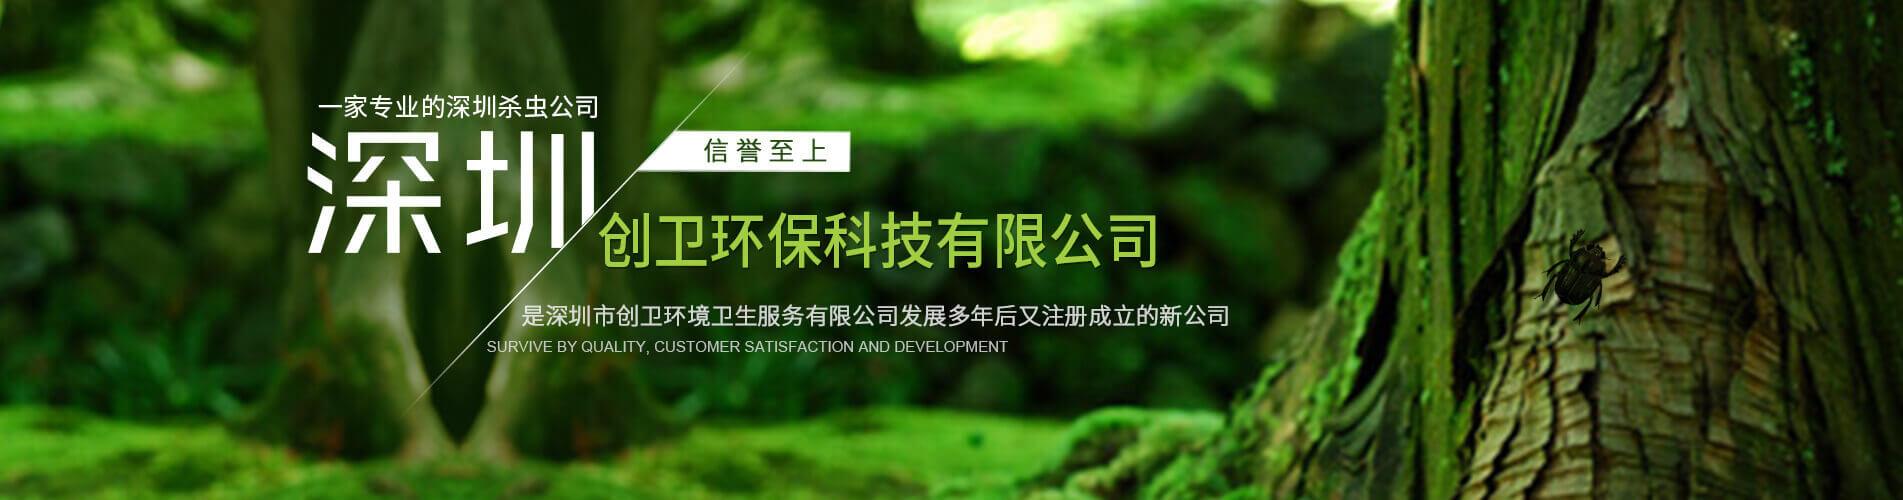 深圳创卫环境